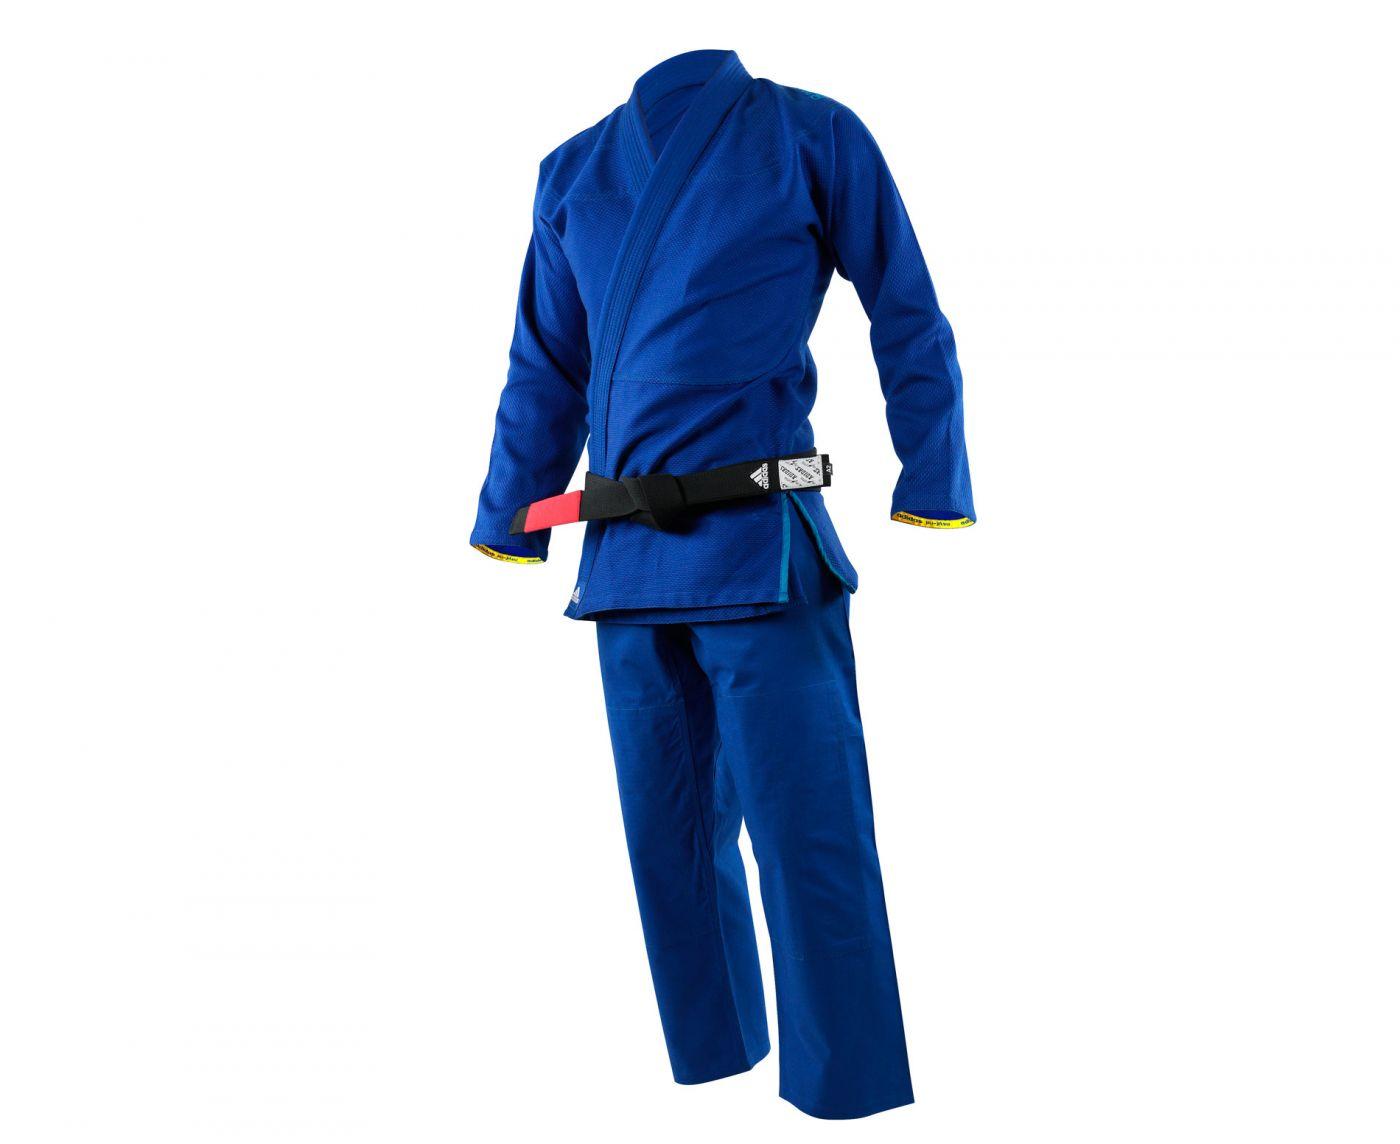 Кимоно для джиу-джитсу Challenge 2.0 синее, размер А3, артикул JJ350B